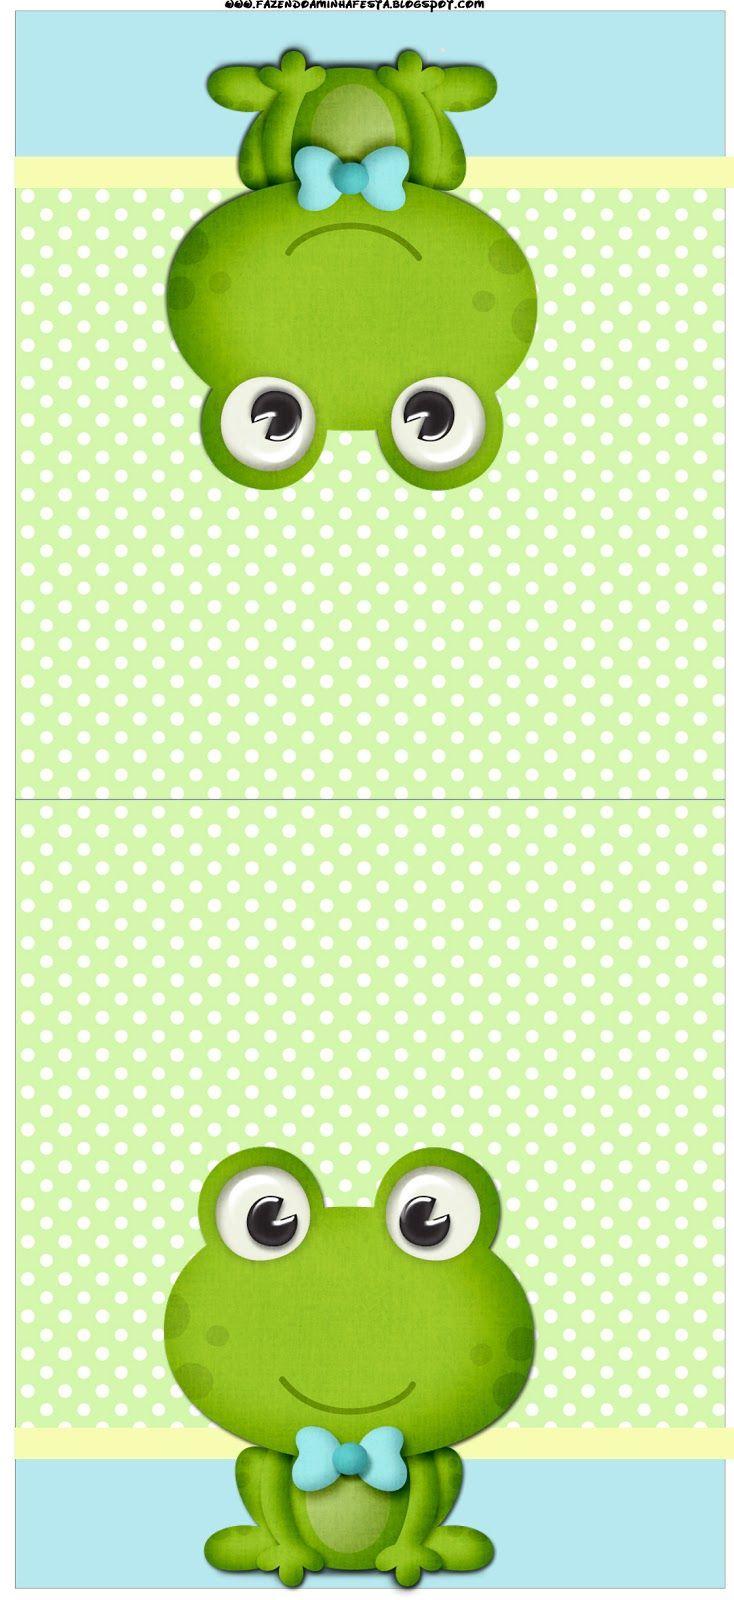 http://fazendoanossafesta.com.br/2013/09/sapinho-kit-completo-com-molduras-para-convites-rotulos-para-guloseimas-lembrancinhas-e-imagens-2.html/